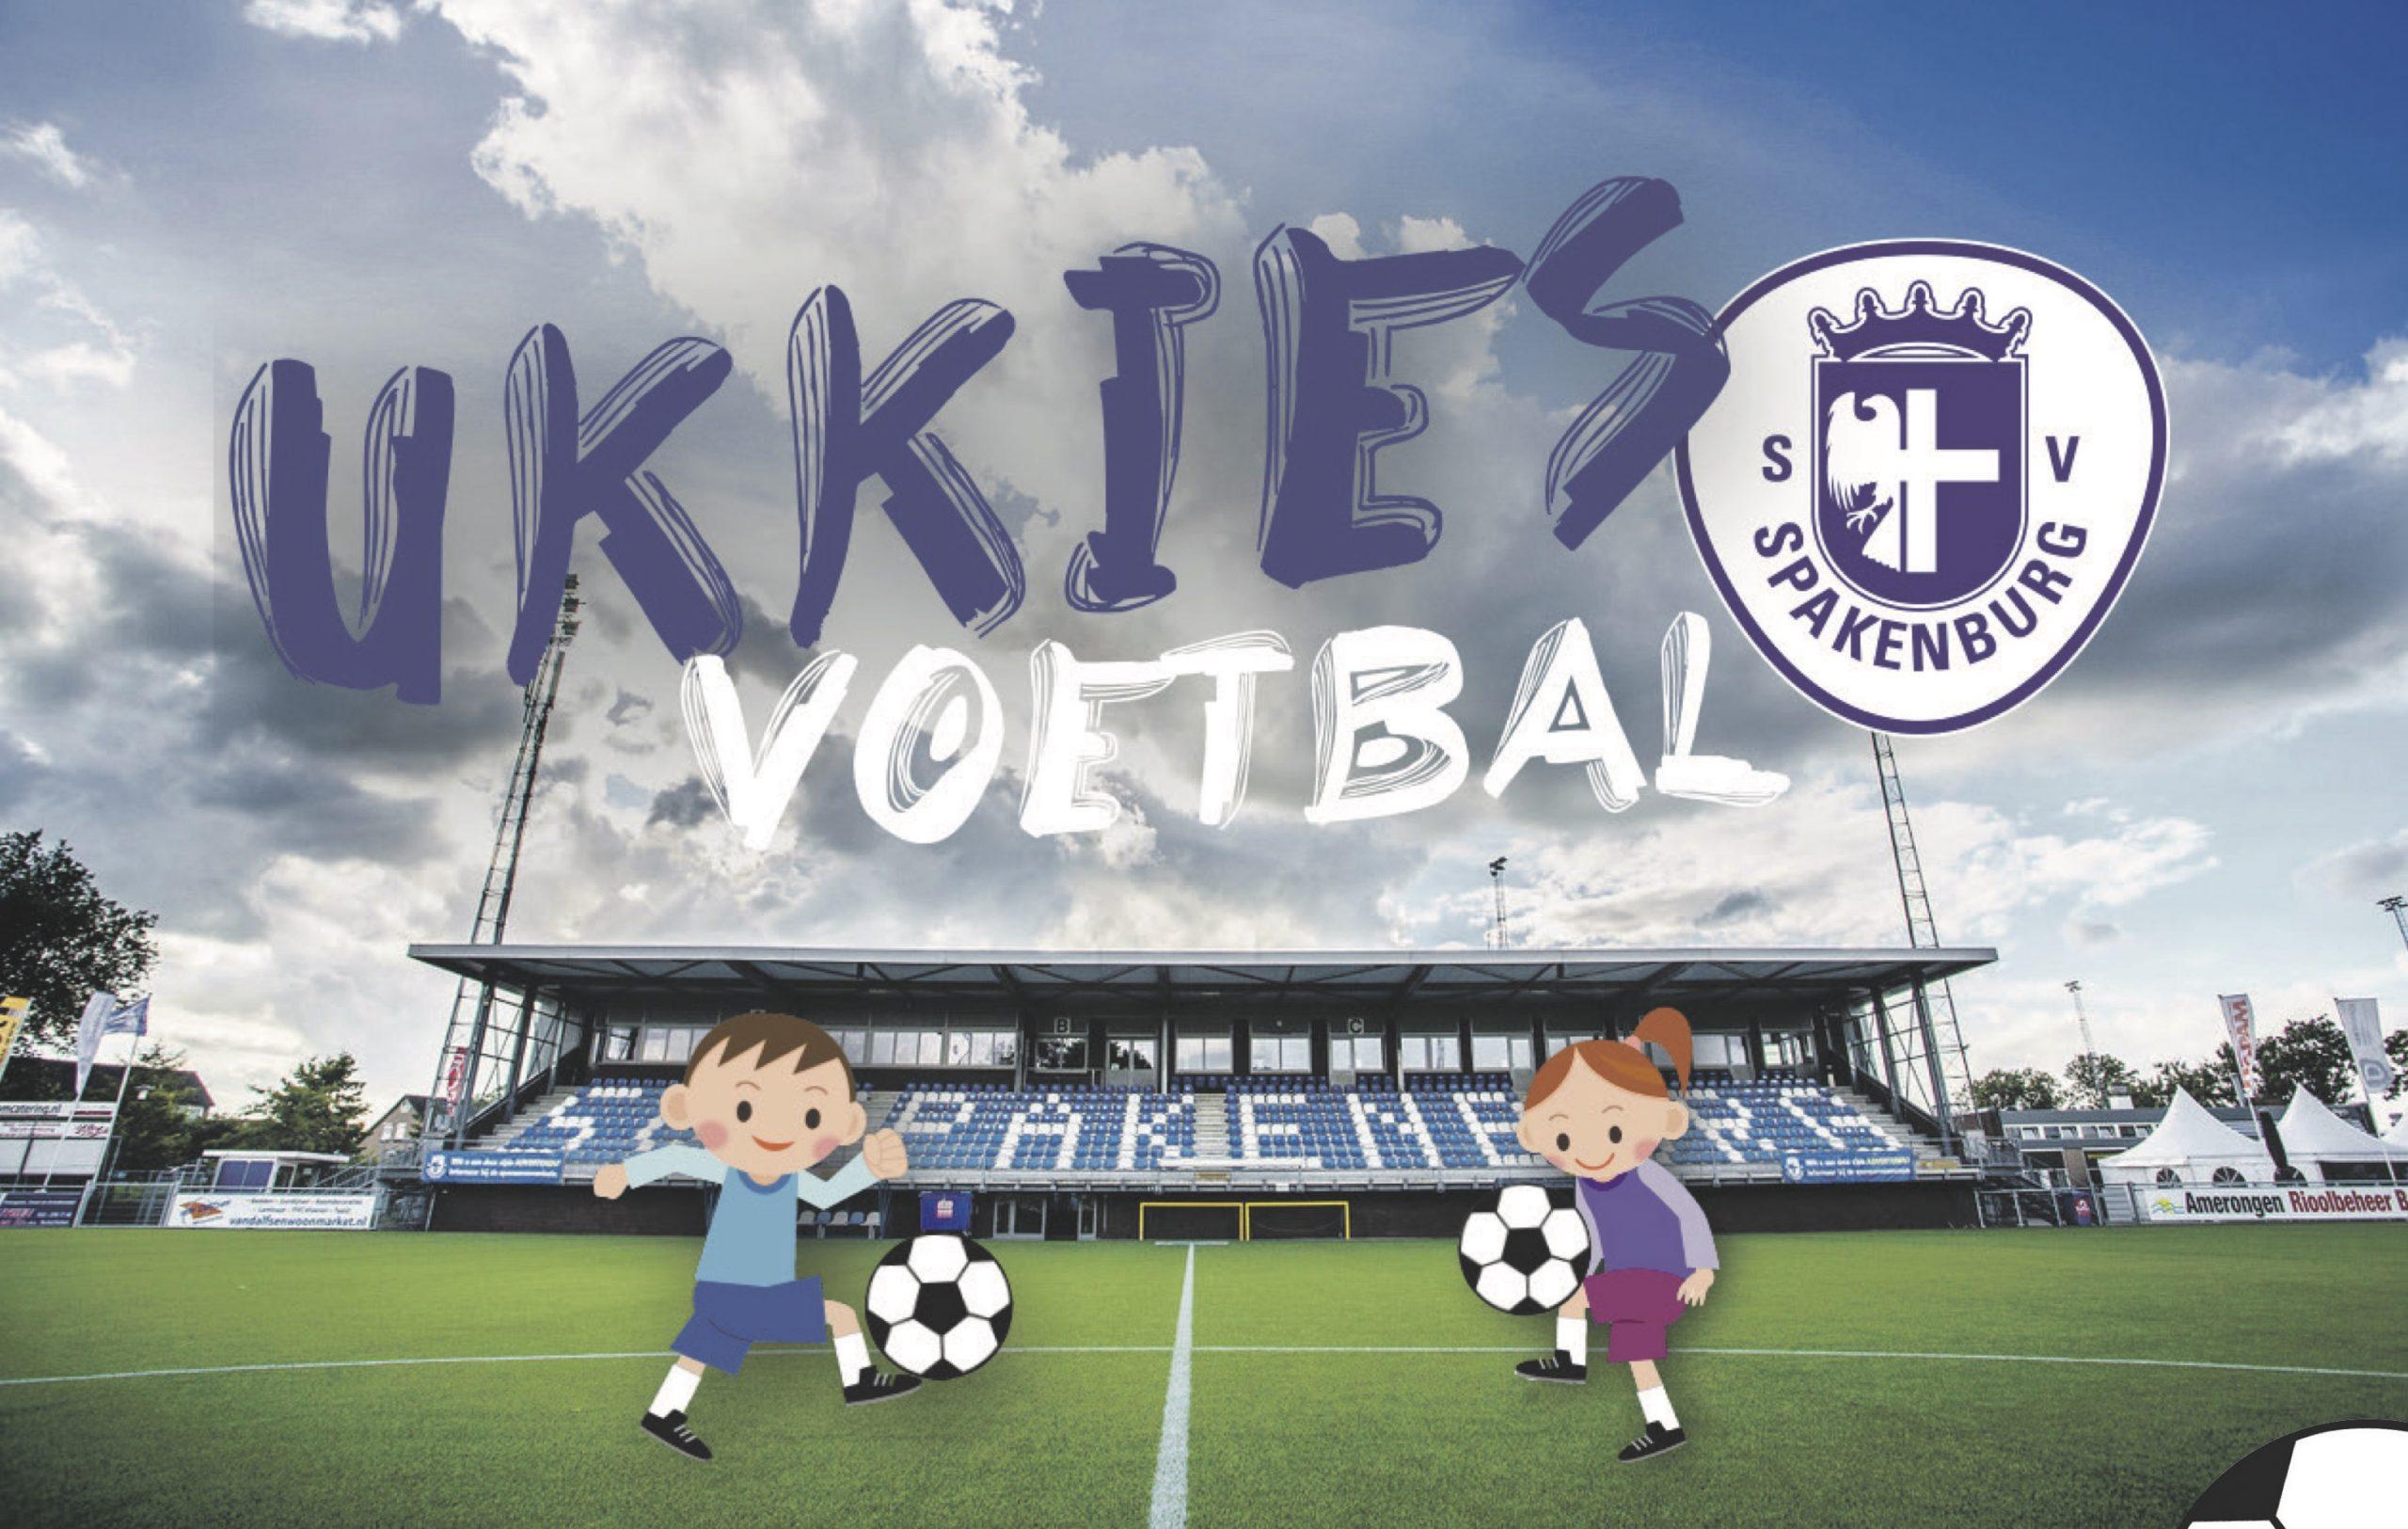 Ukkiesvoetbal bij Spakenburg in de hele maand juni